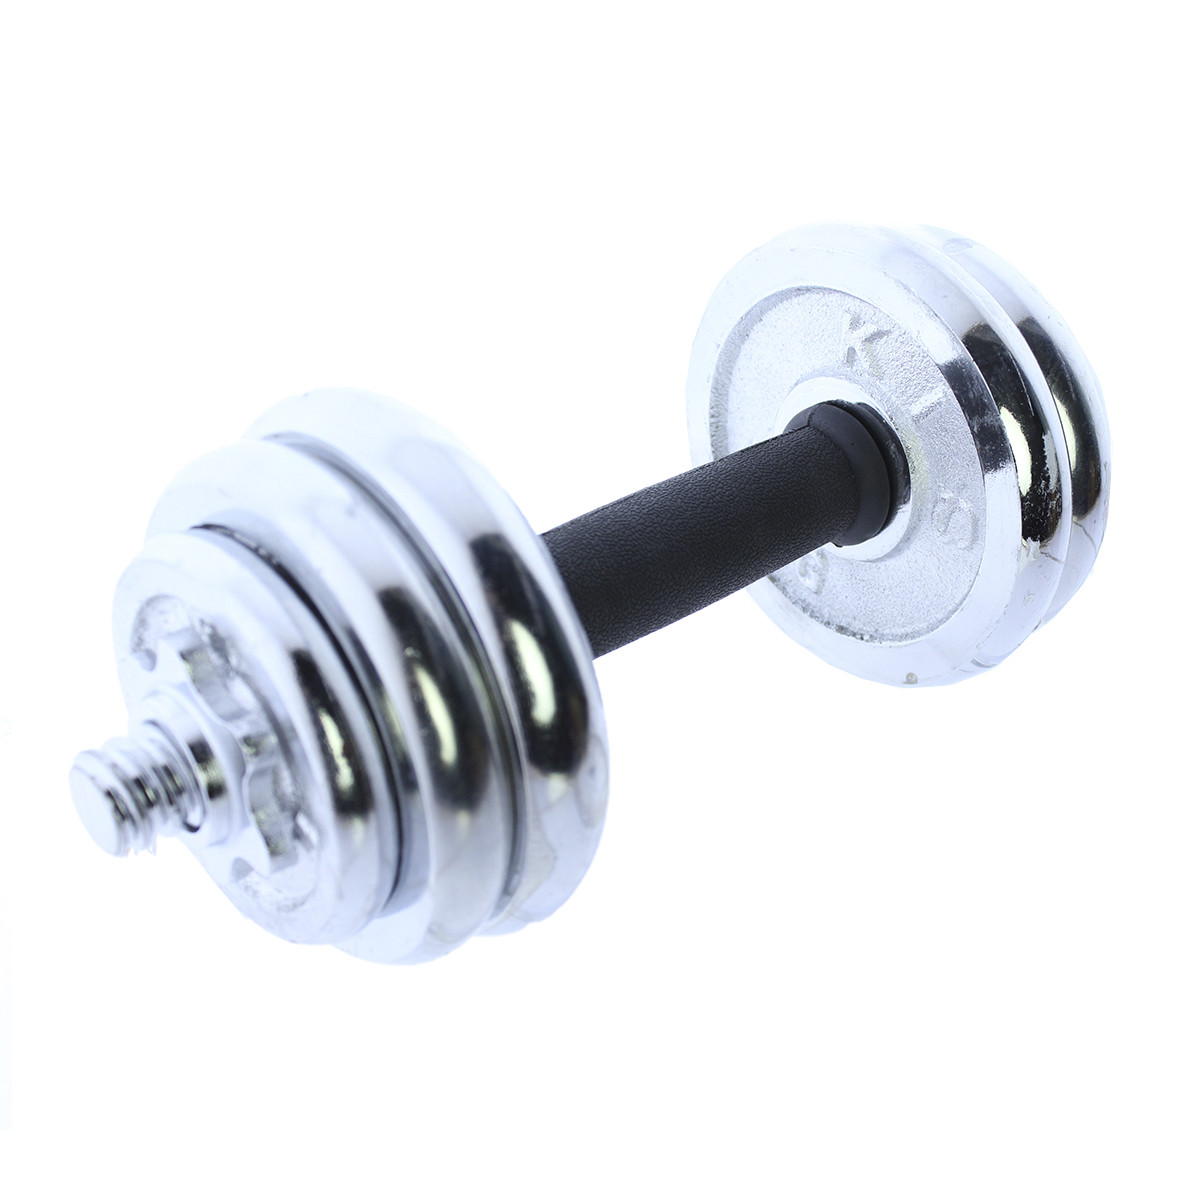 Set-de-mancuernas-ajustables-cromadas-10kg-15kg-20kg-Riscko miniatura 21